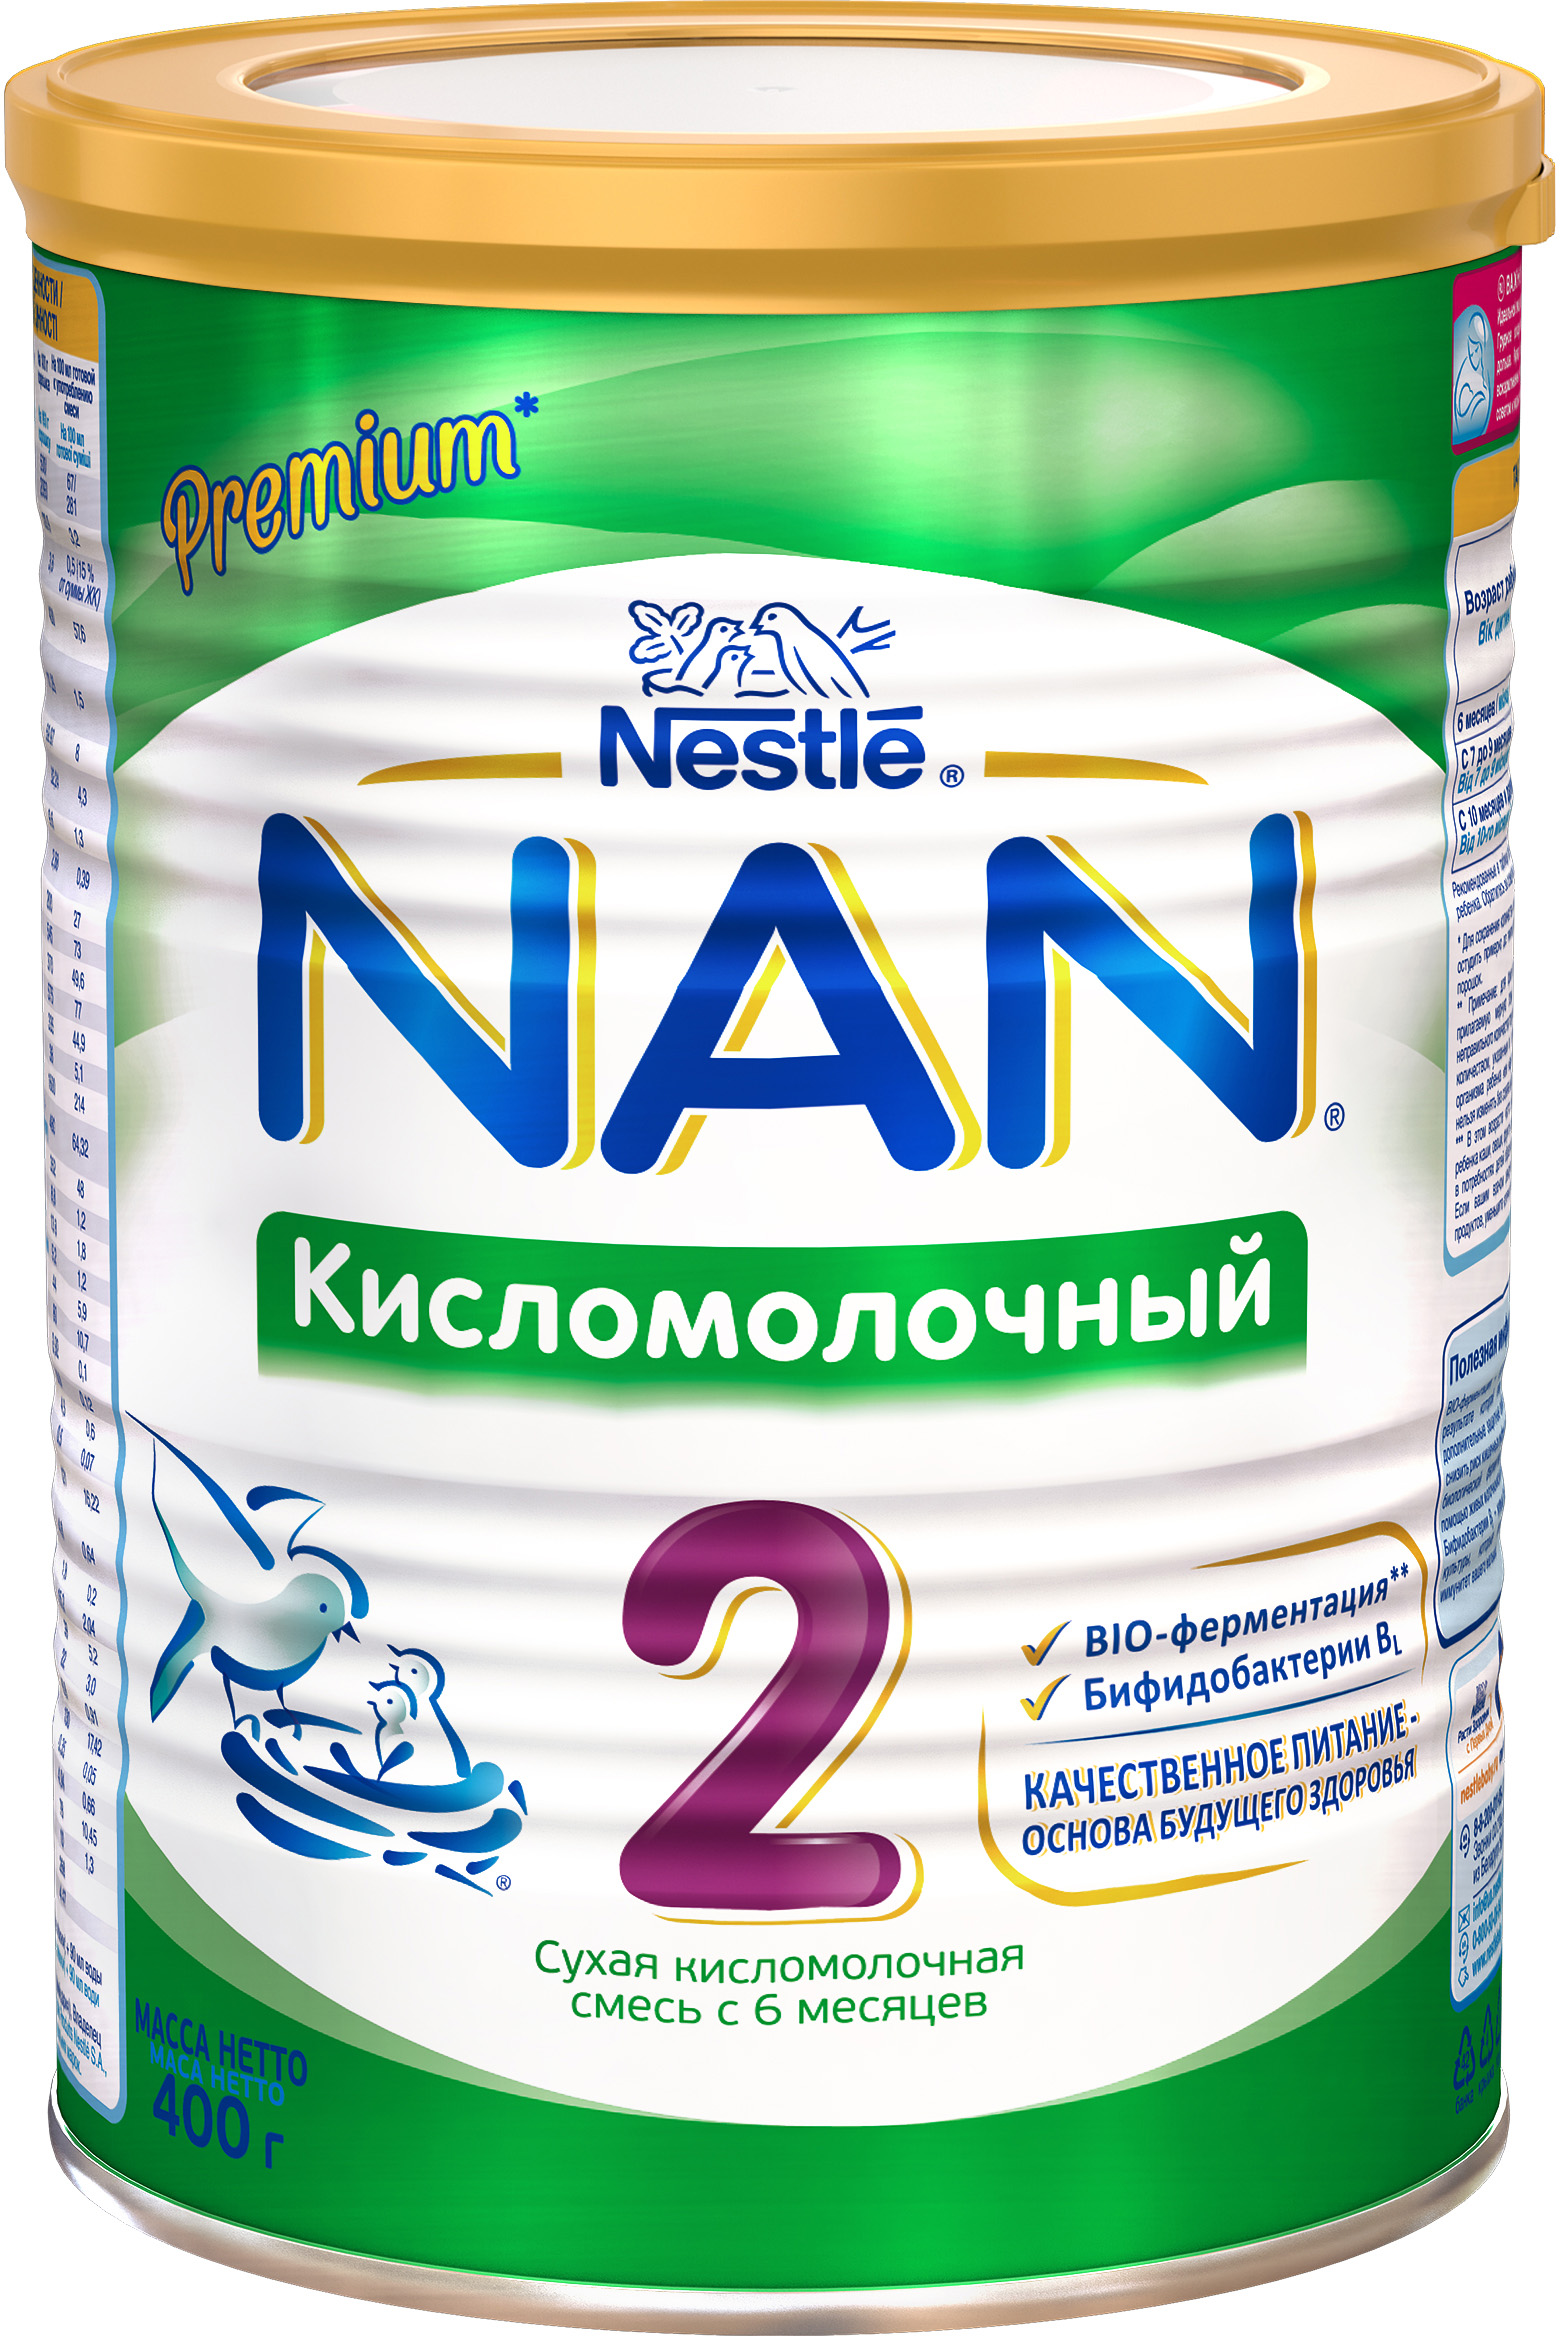 Сухие NAN NAN (Nestlé) Кисломолочный 2 (с 6 месяцев) 400 г молочные смеси nan заменитель кисломолочный 2 с 6 месяцев 400 г